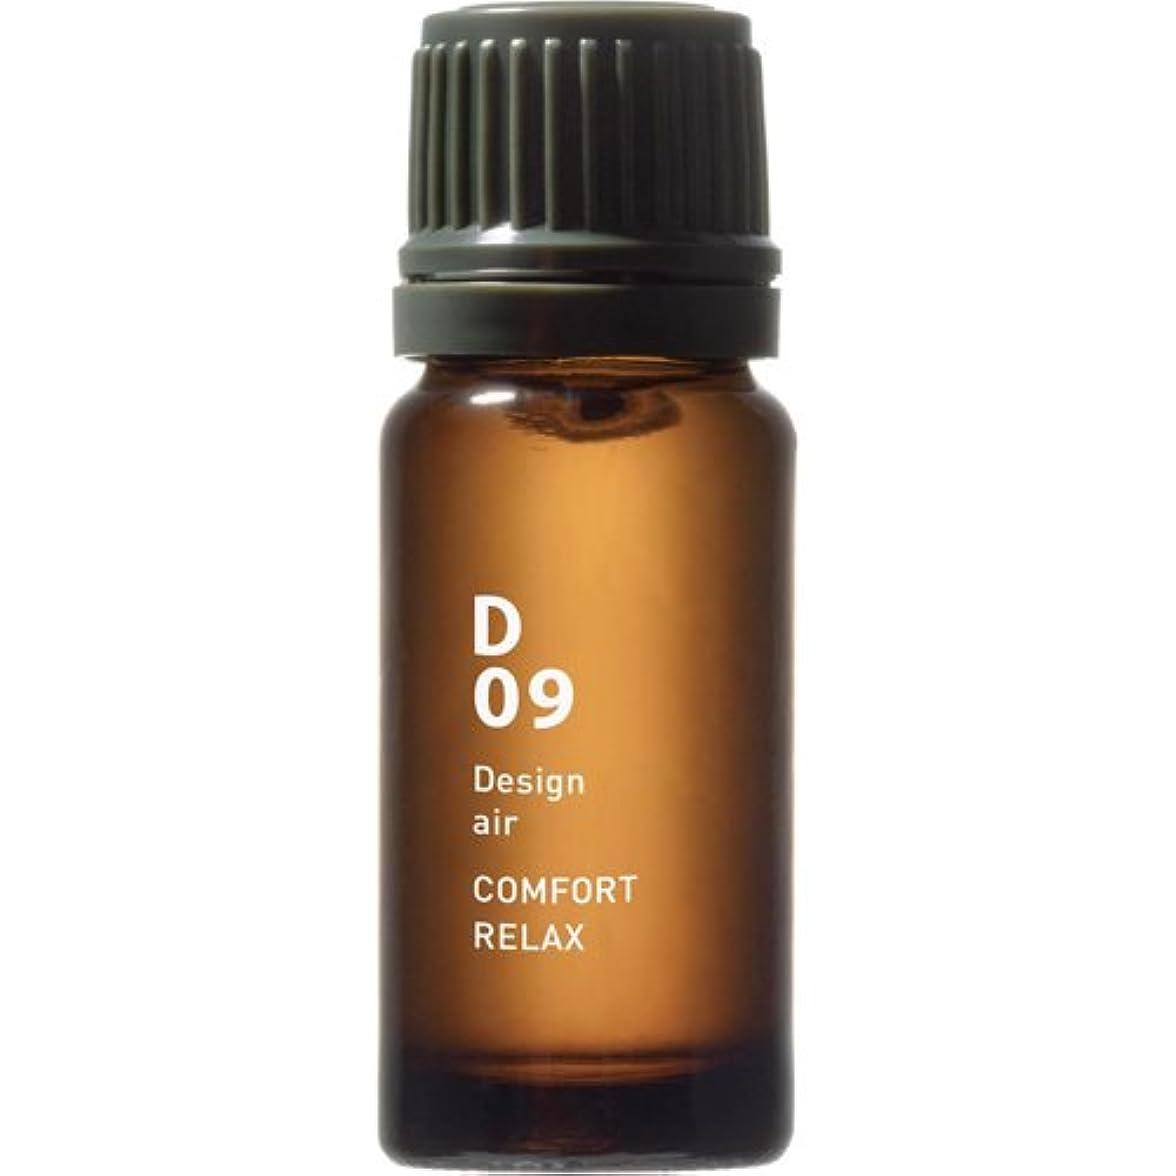 D09 COMFORT RELAX Design air 10ml